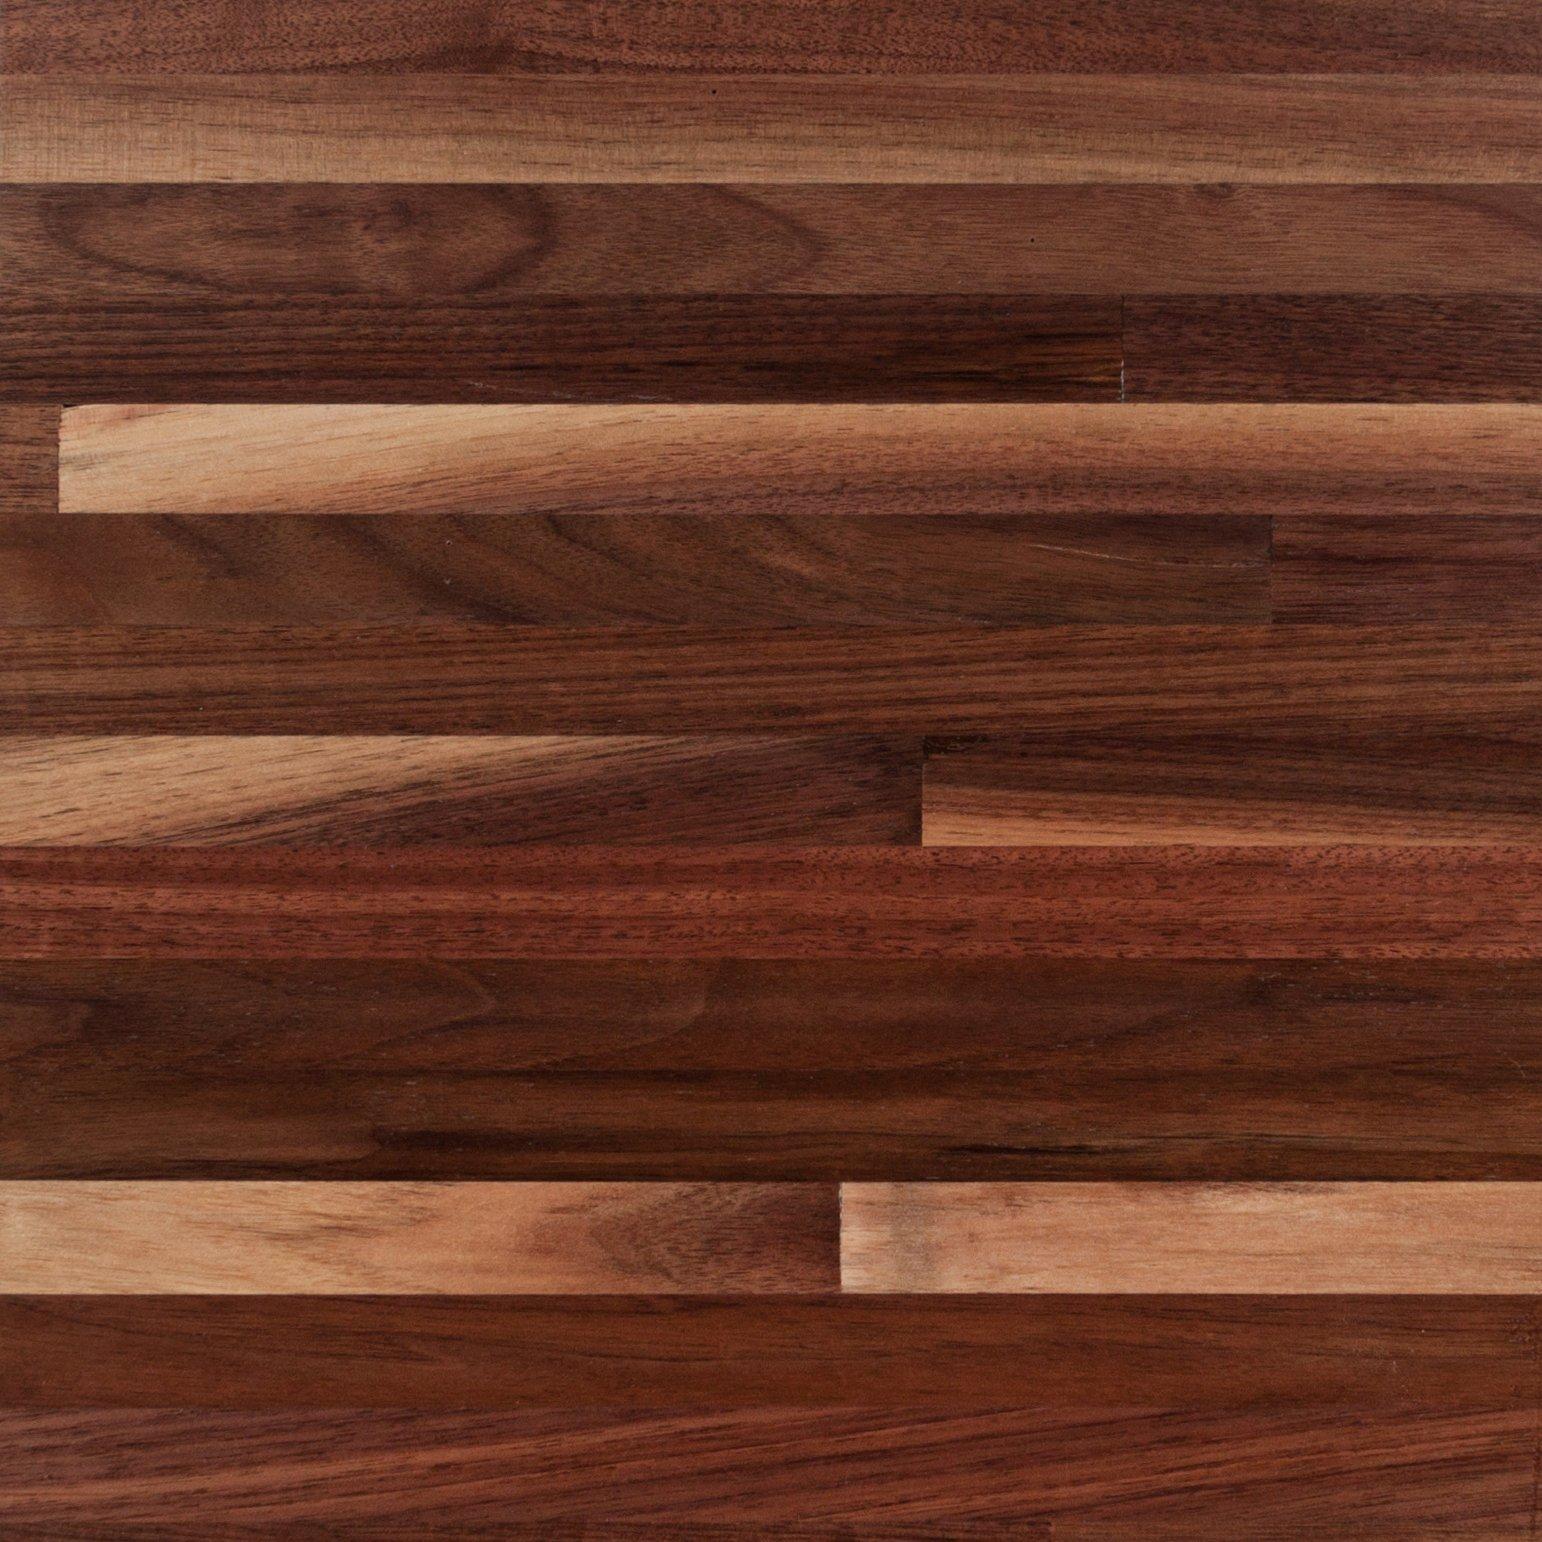 American Walnut Butcher Block Countertop 12ft.   144in. X 25in.   100020684    Floor And Decor